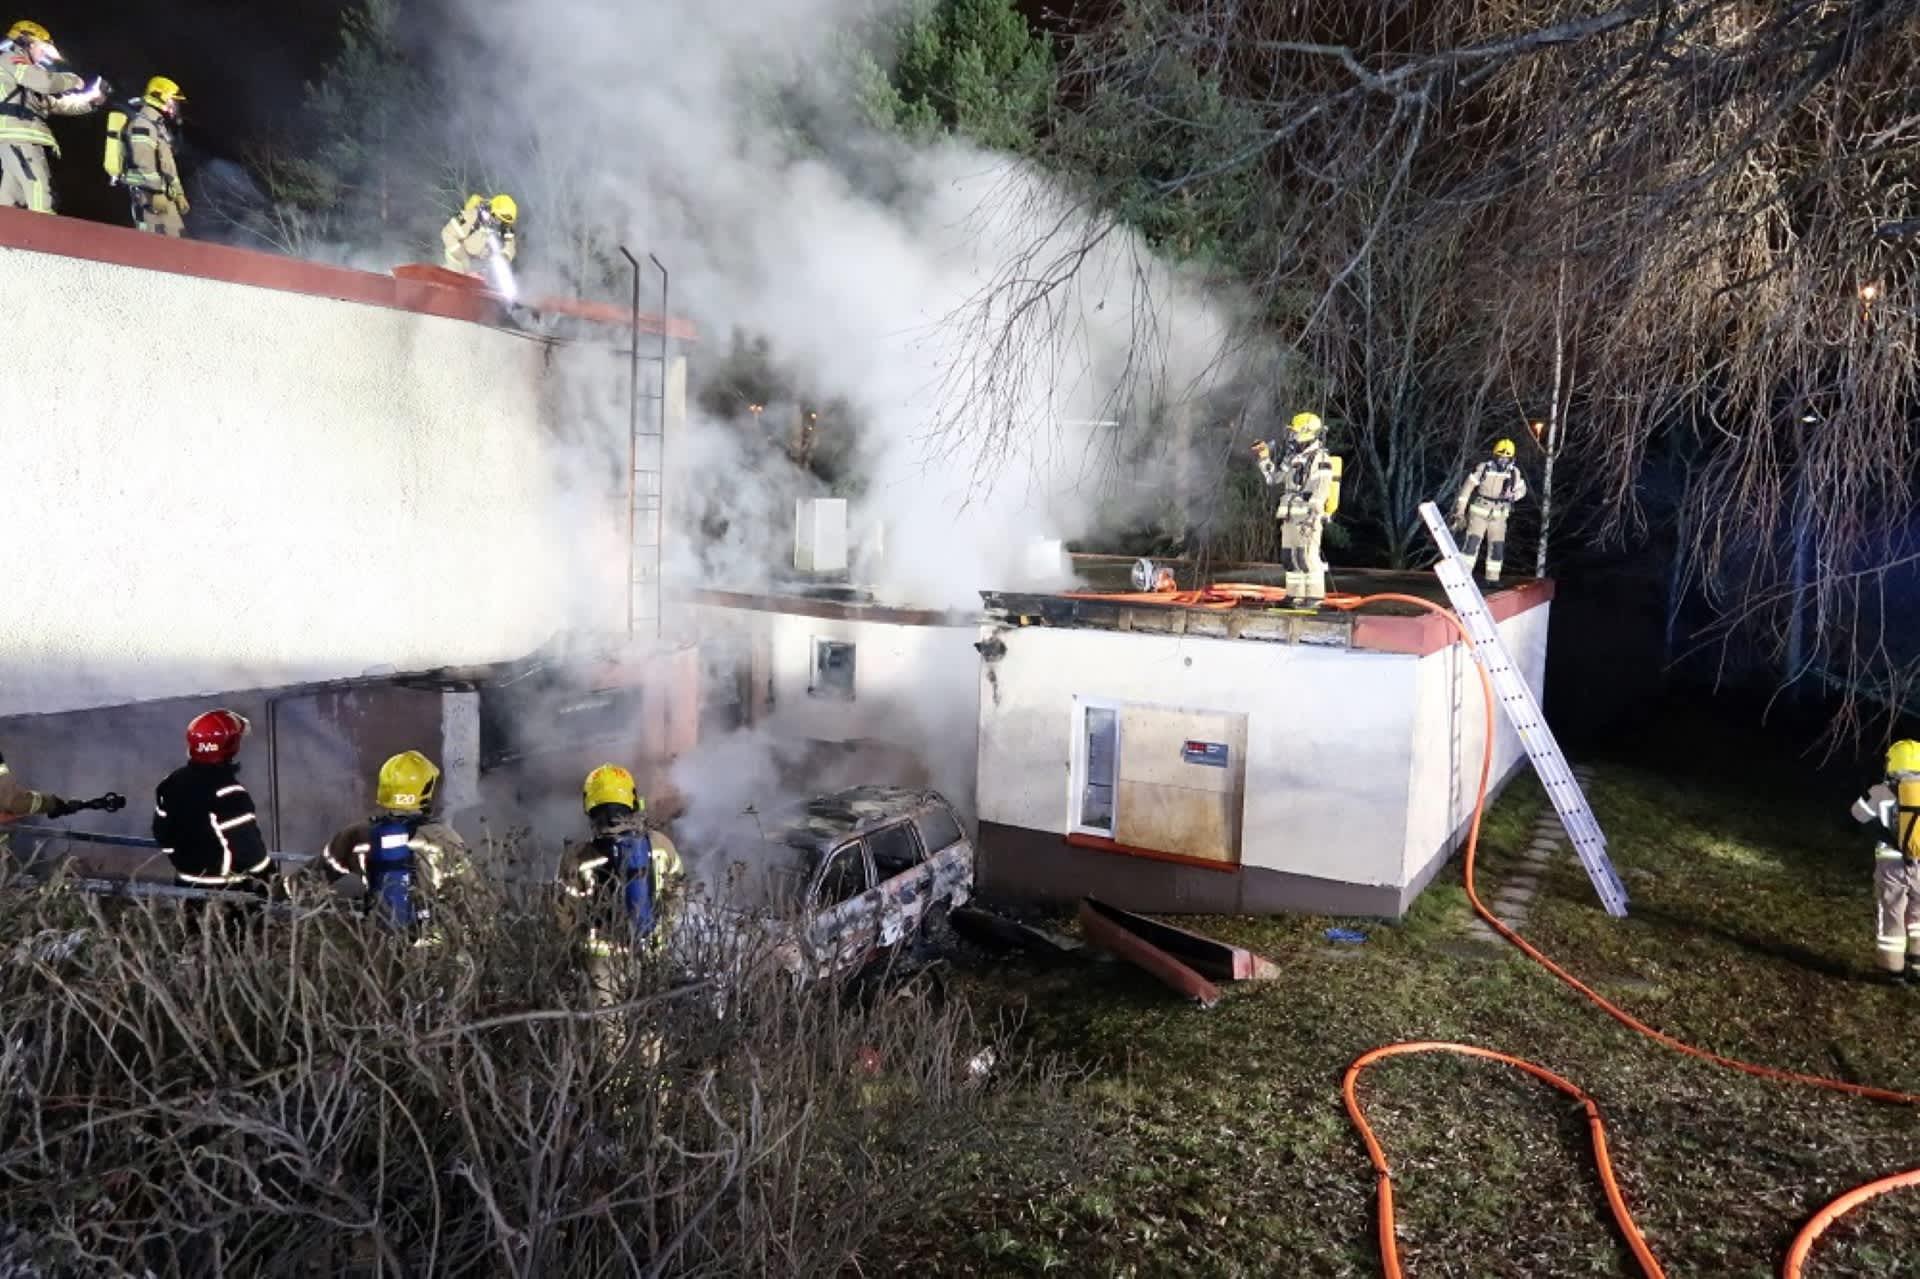 Vantaankosken koulun paloa oli sammuttamassa yksiköitä Keski- ja Länsi-Uudeltamaalta sekä Helsingistä.